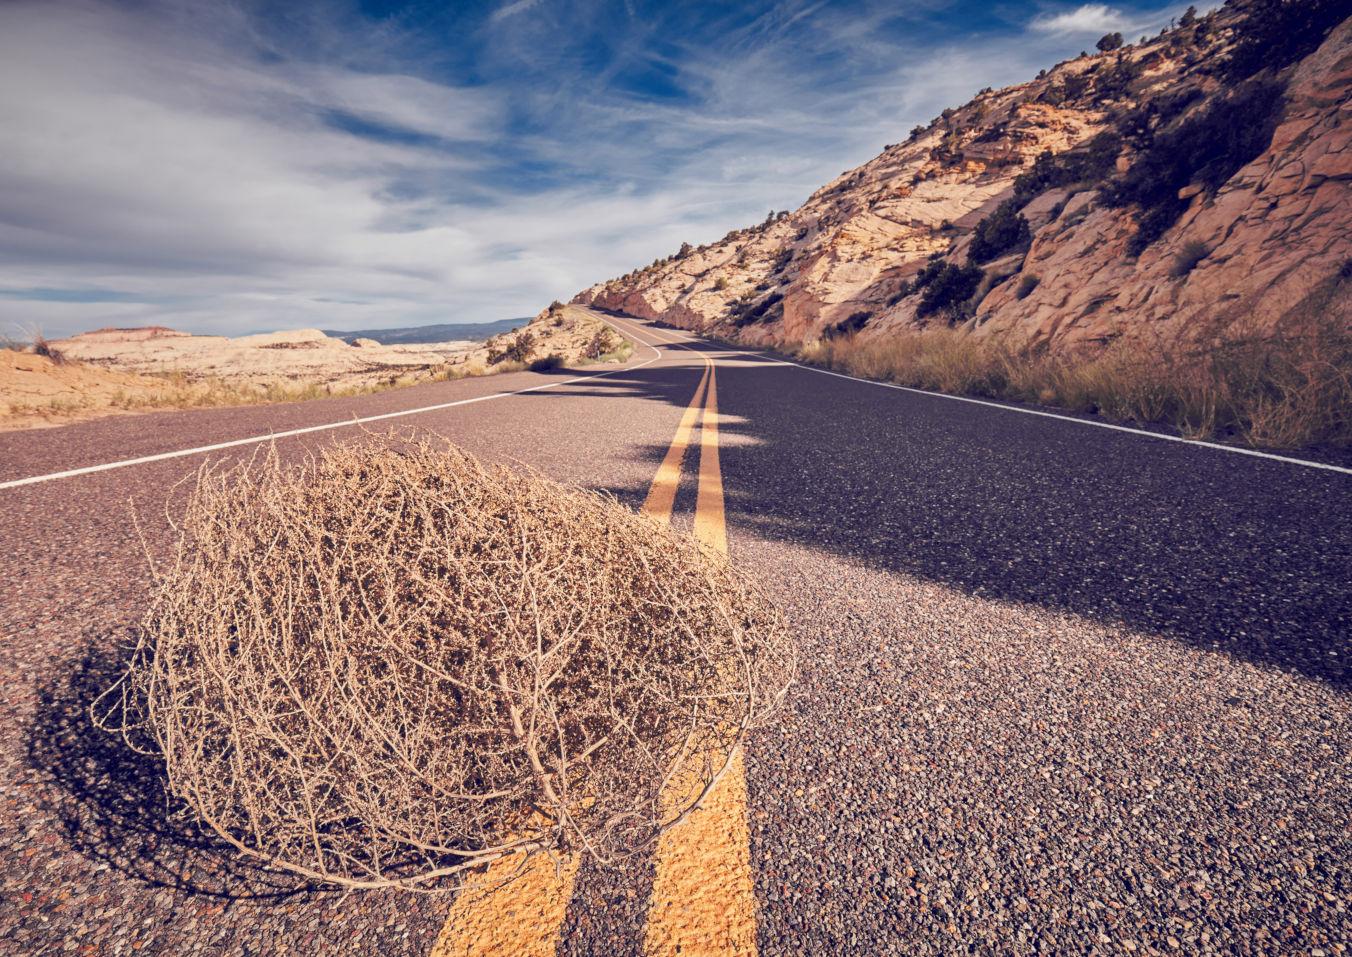 Tumbleweed on a road